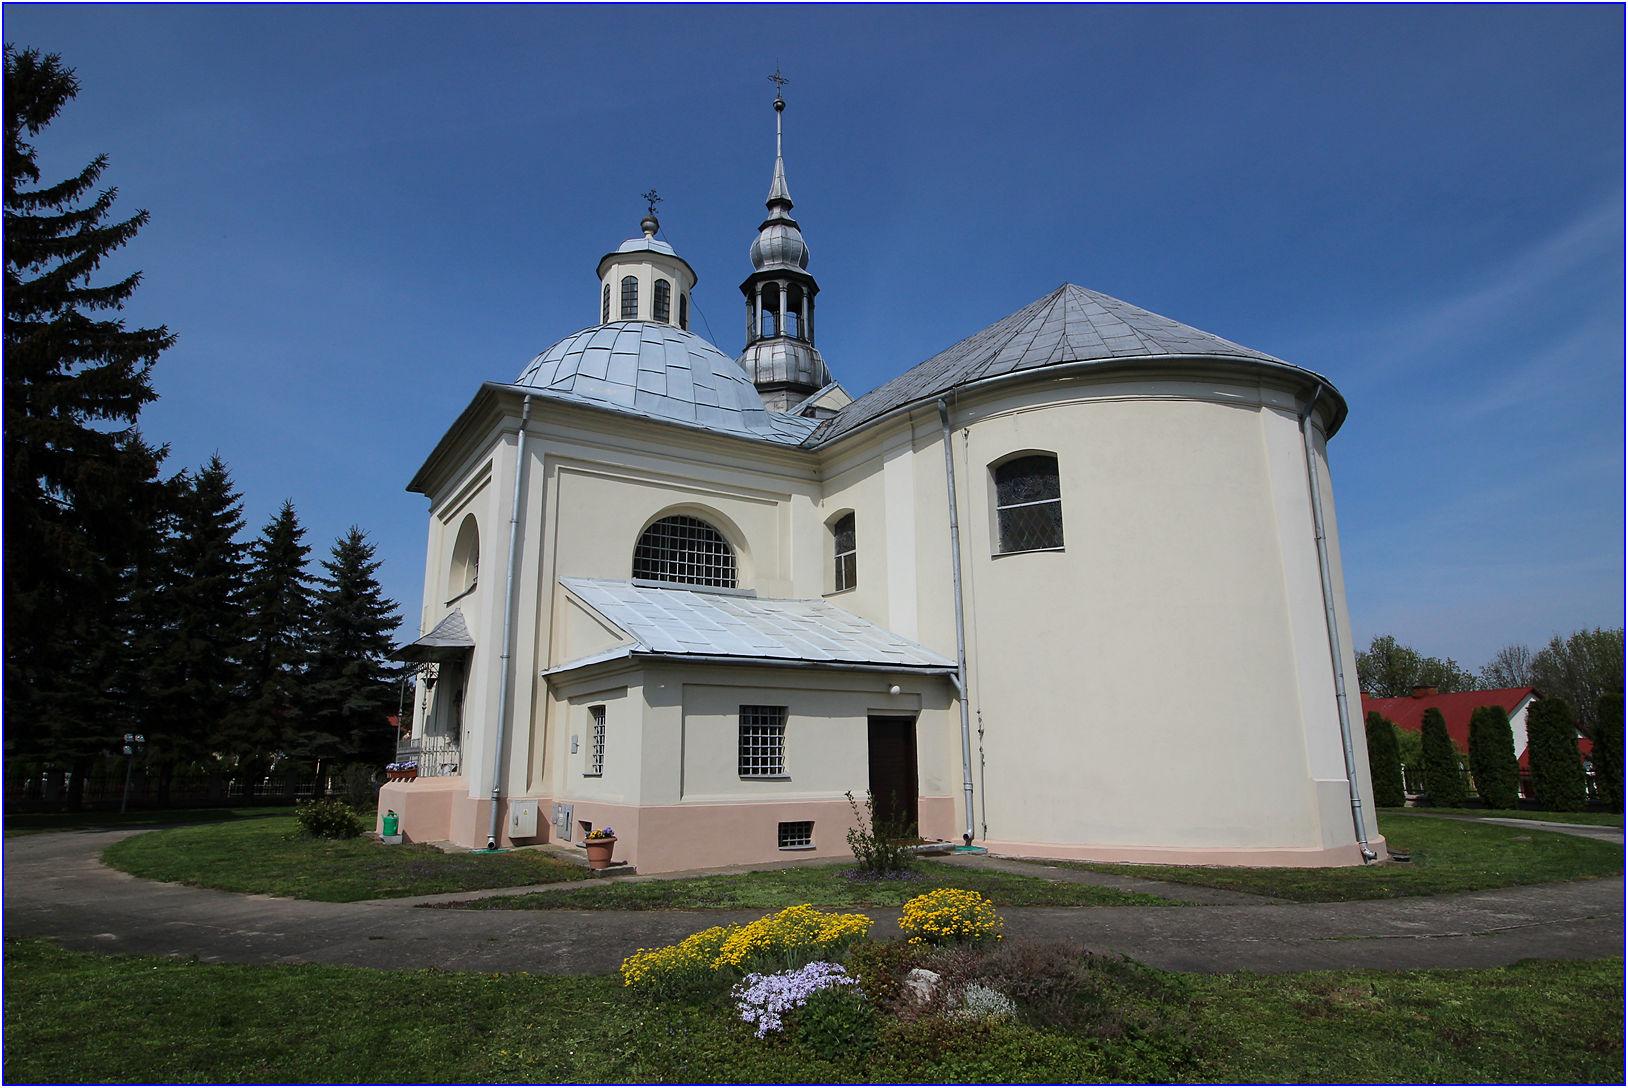 Kościół pw. Wniebowzięcia NMP w Książnicach Wielkich